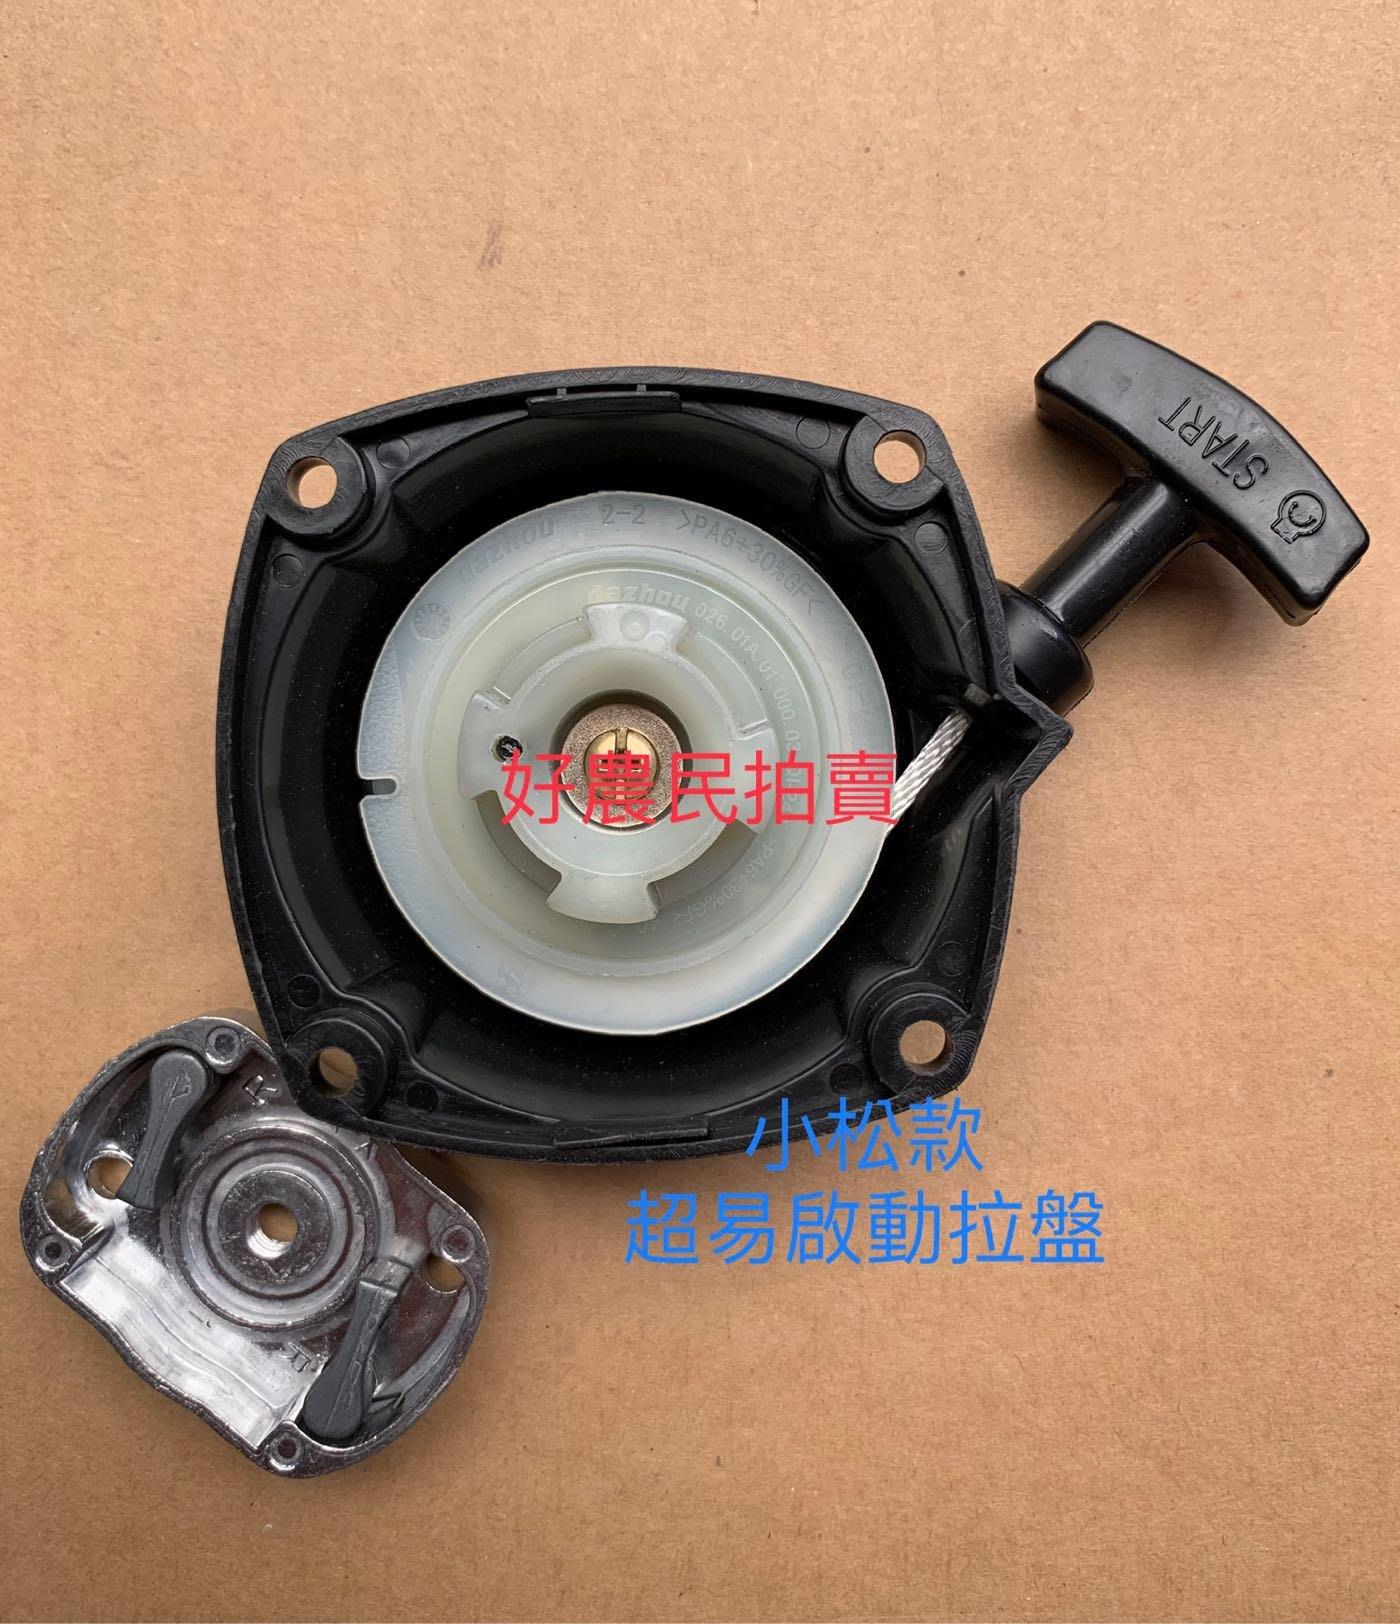 割草機ZENOAH 小松G45L/443R啟動拉盤(輕拉款啟動盤)